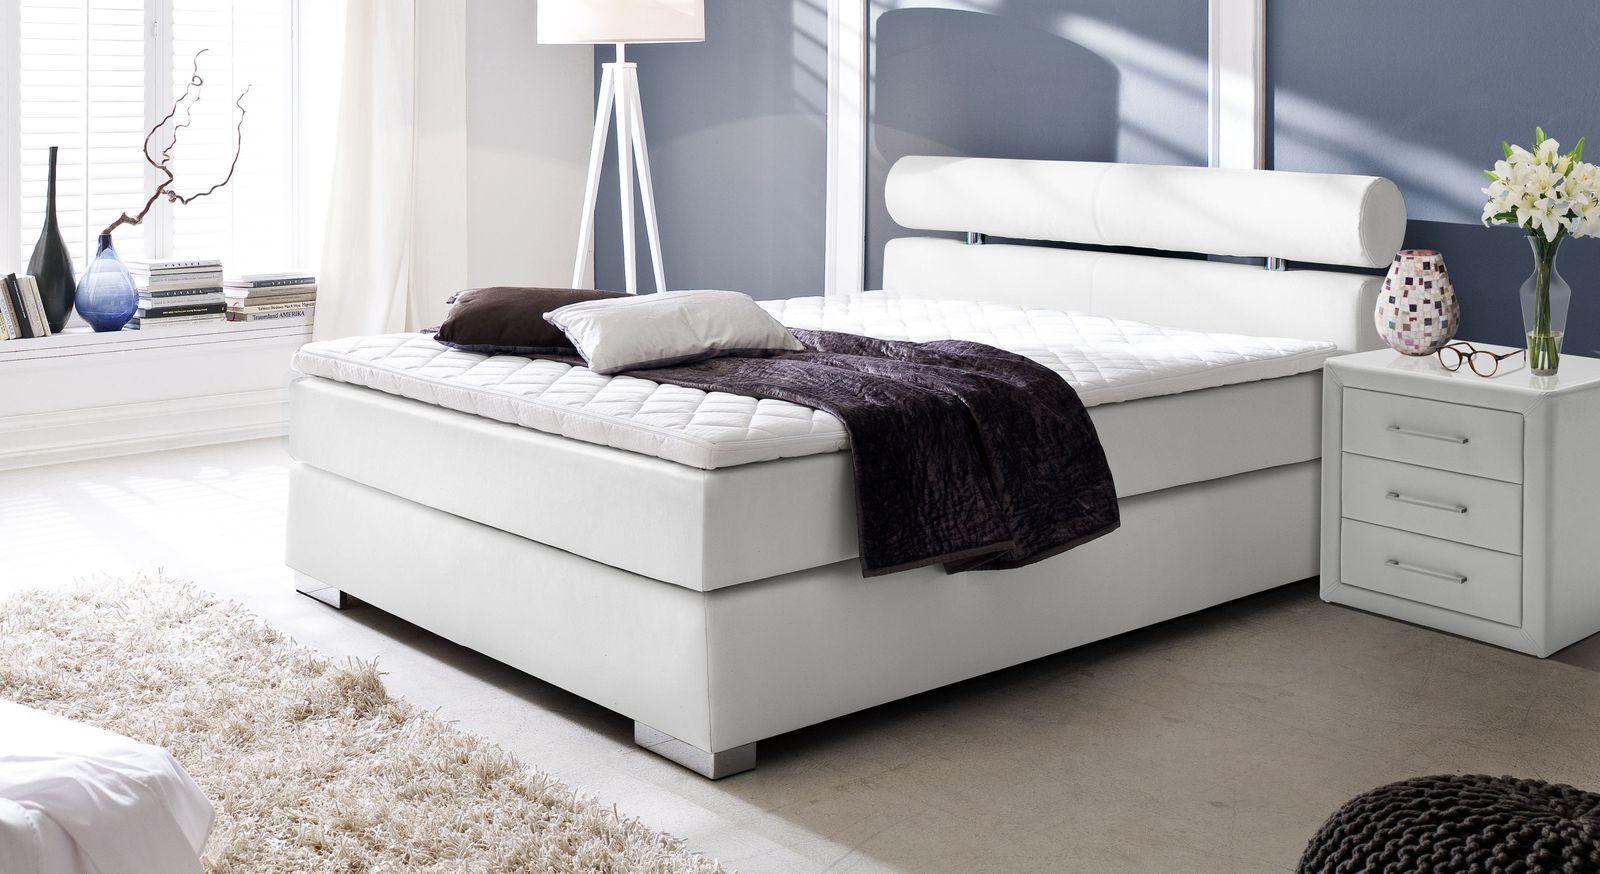 braune wandfarbe schlafzimmer claas bettw sche gel kopfkissen 40x80 pflanzen schlafzimmer sale. Black Bedroom Furniture Sets. Home Design Ideas